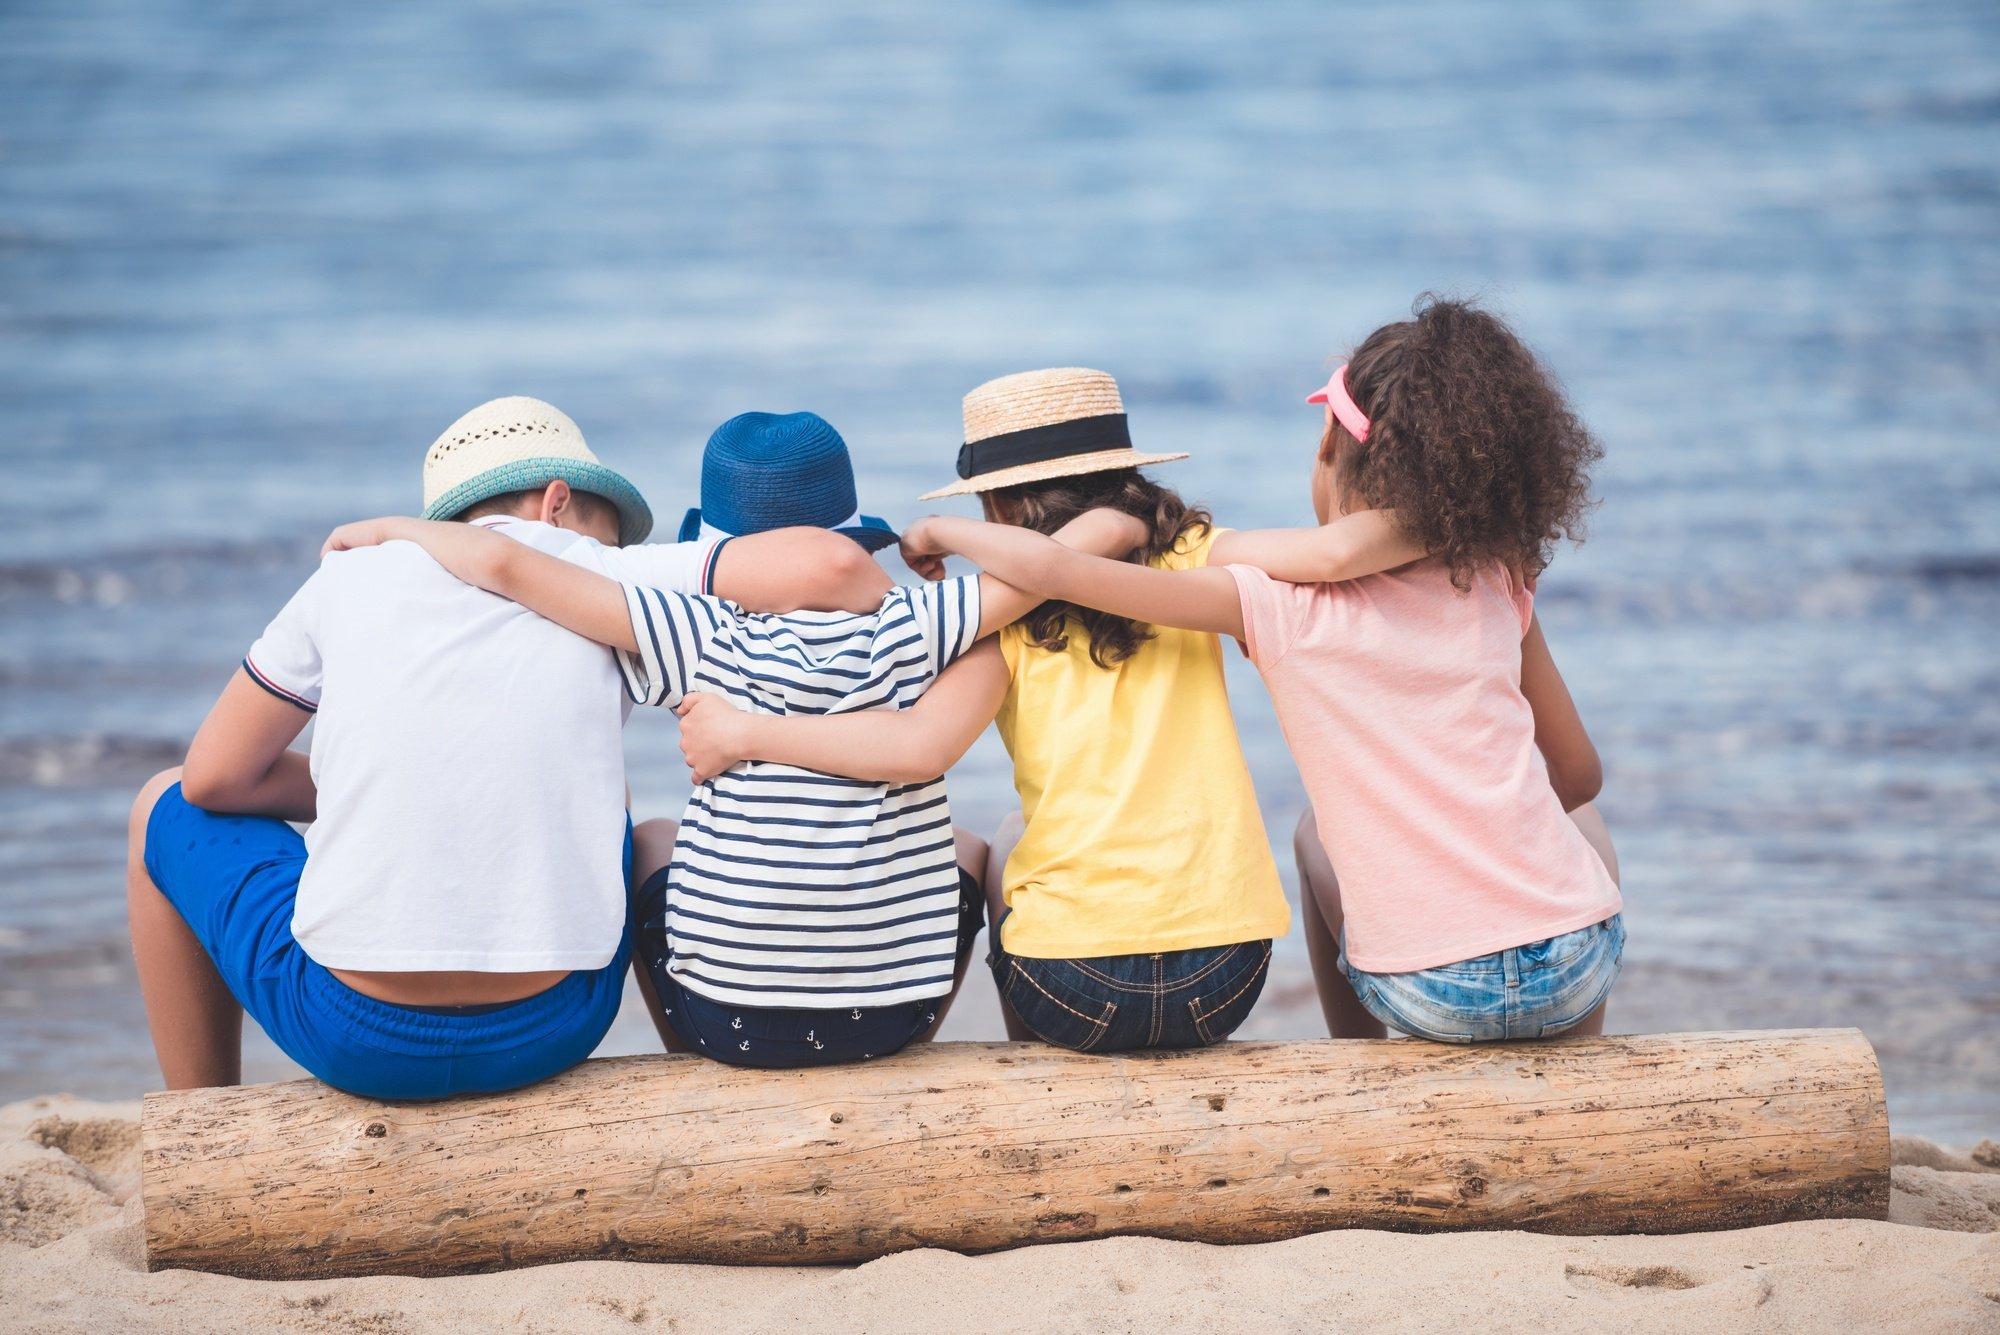 Πώς να δημιουργήσετε μία πραγματική φιλία;